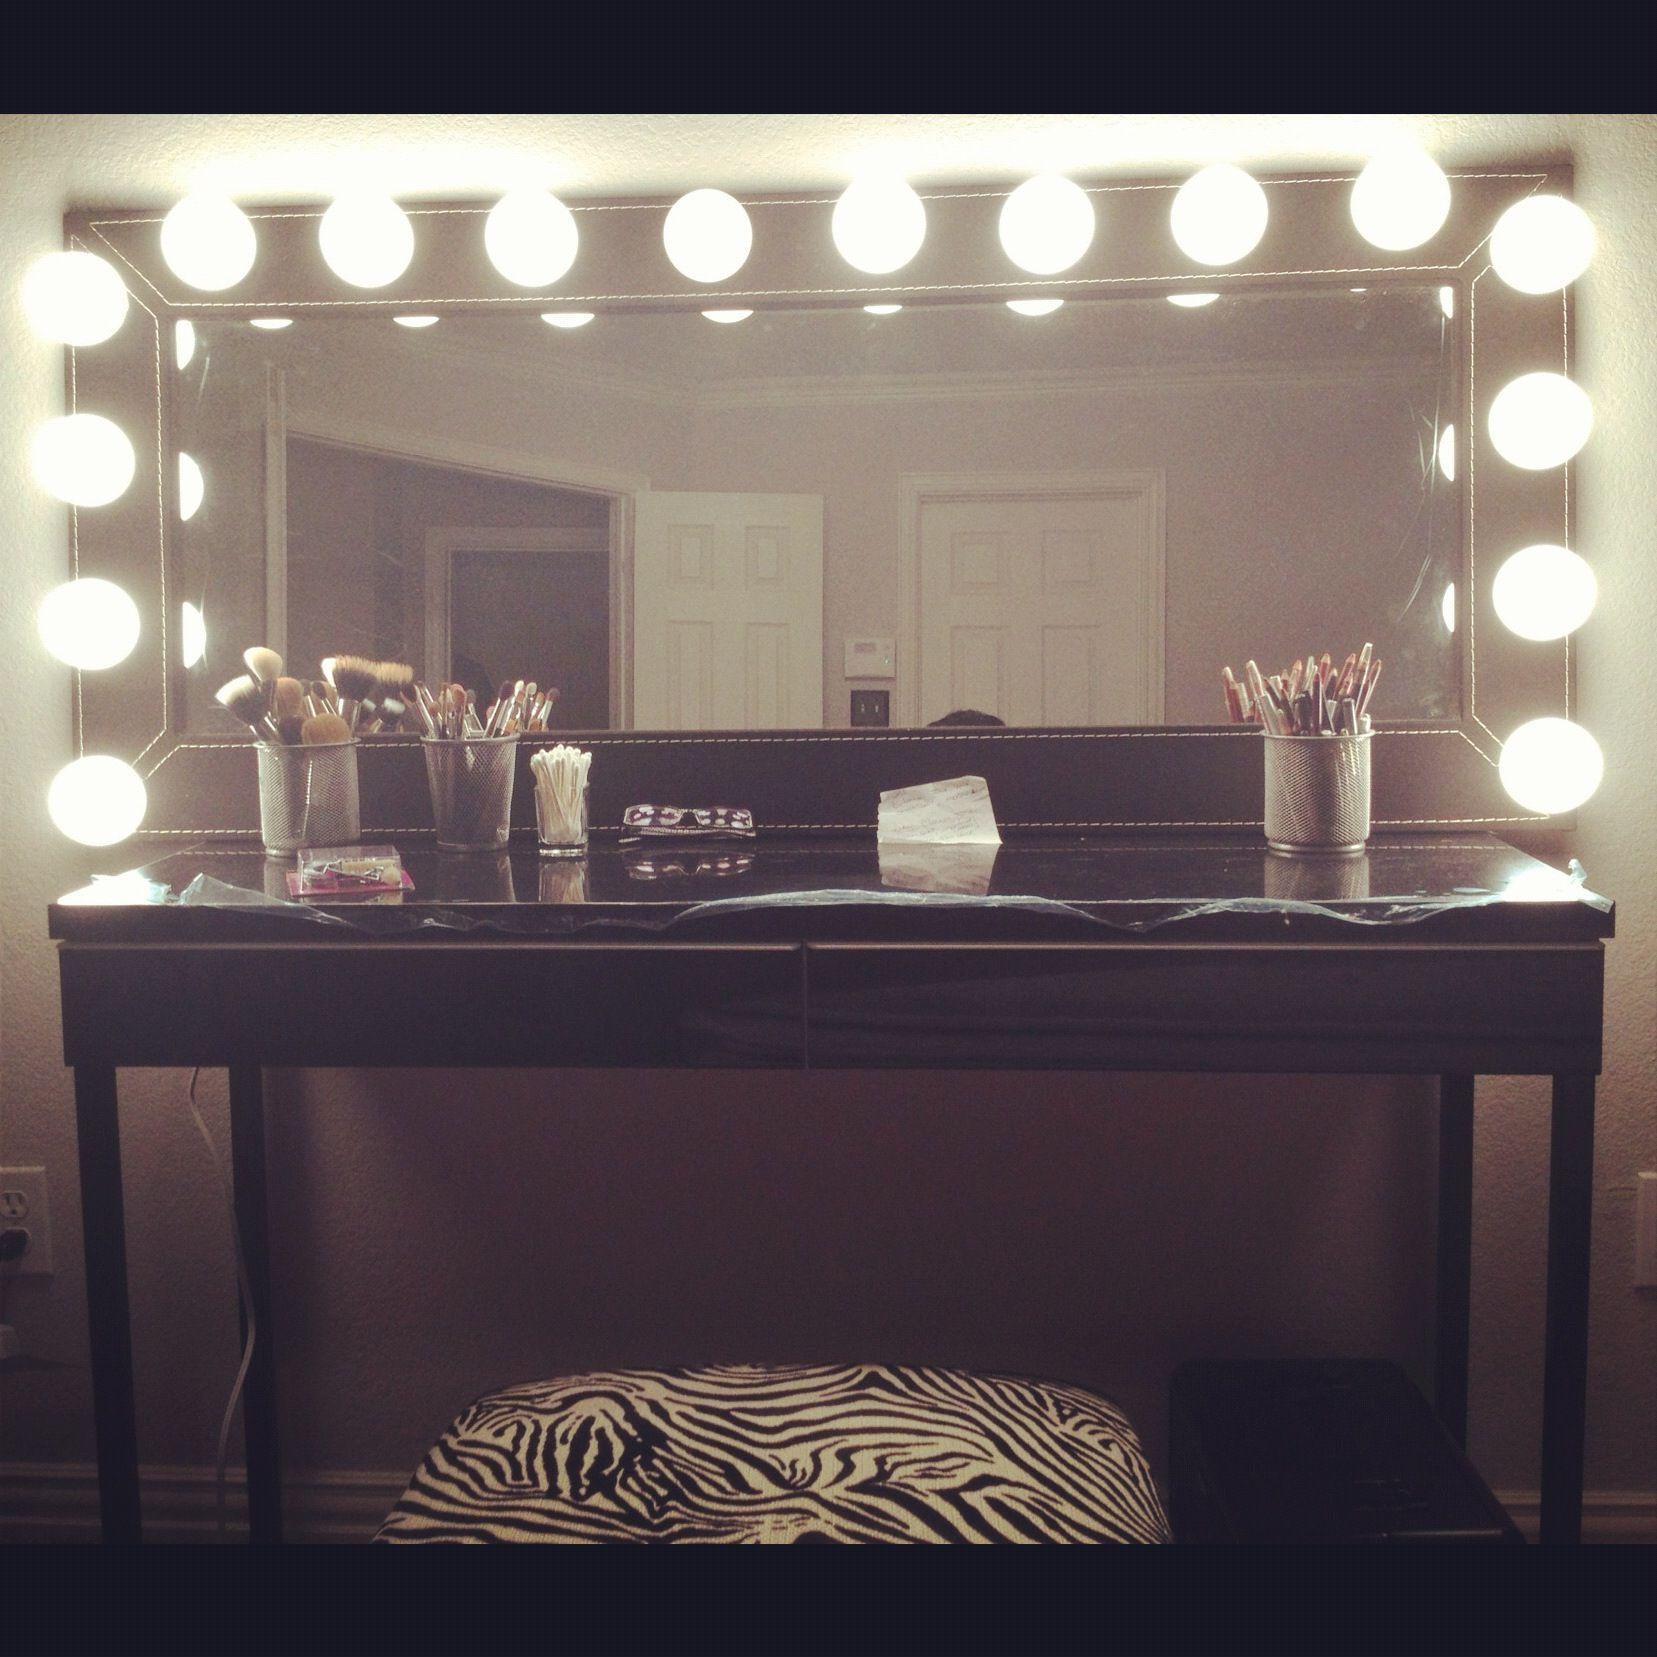 Makeup Vanity Mirror. Makeup Vanity Mirror   Makeup   Pinterest   Makeup vanities